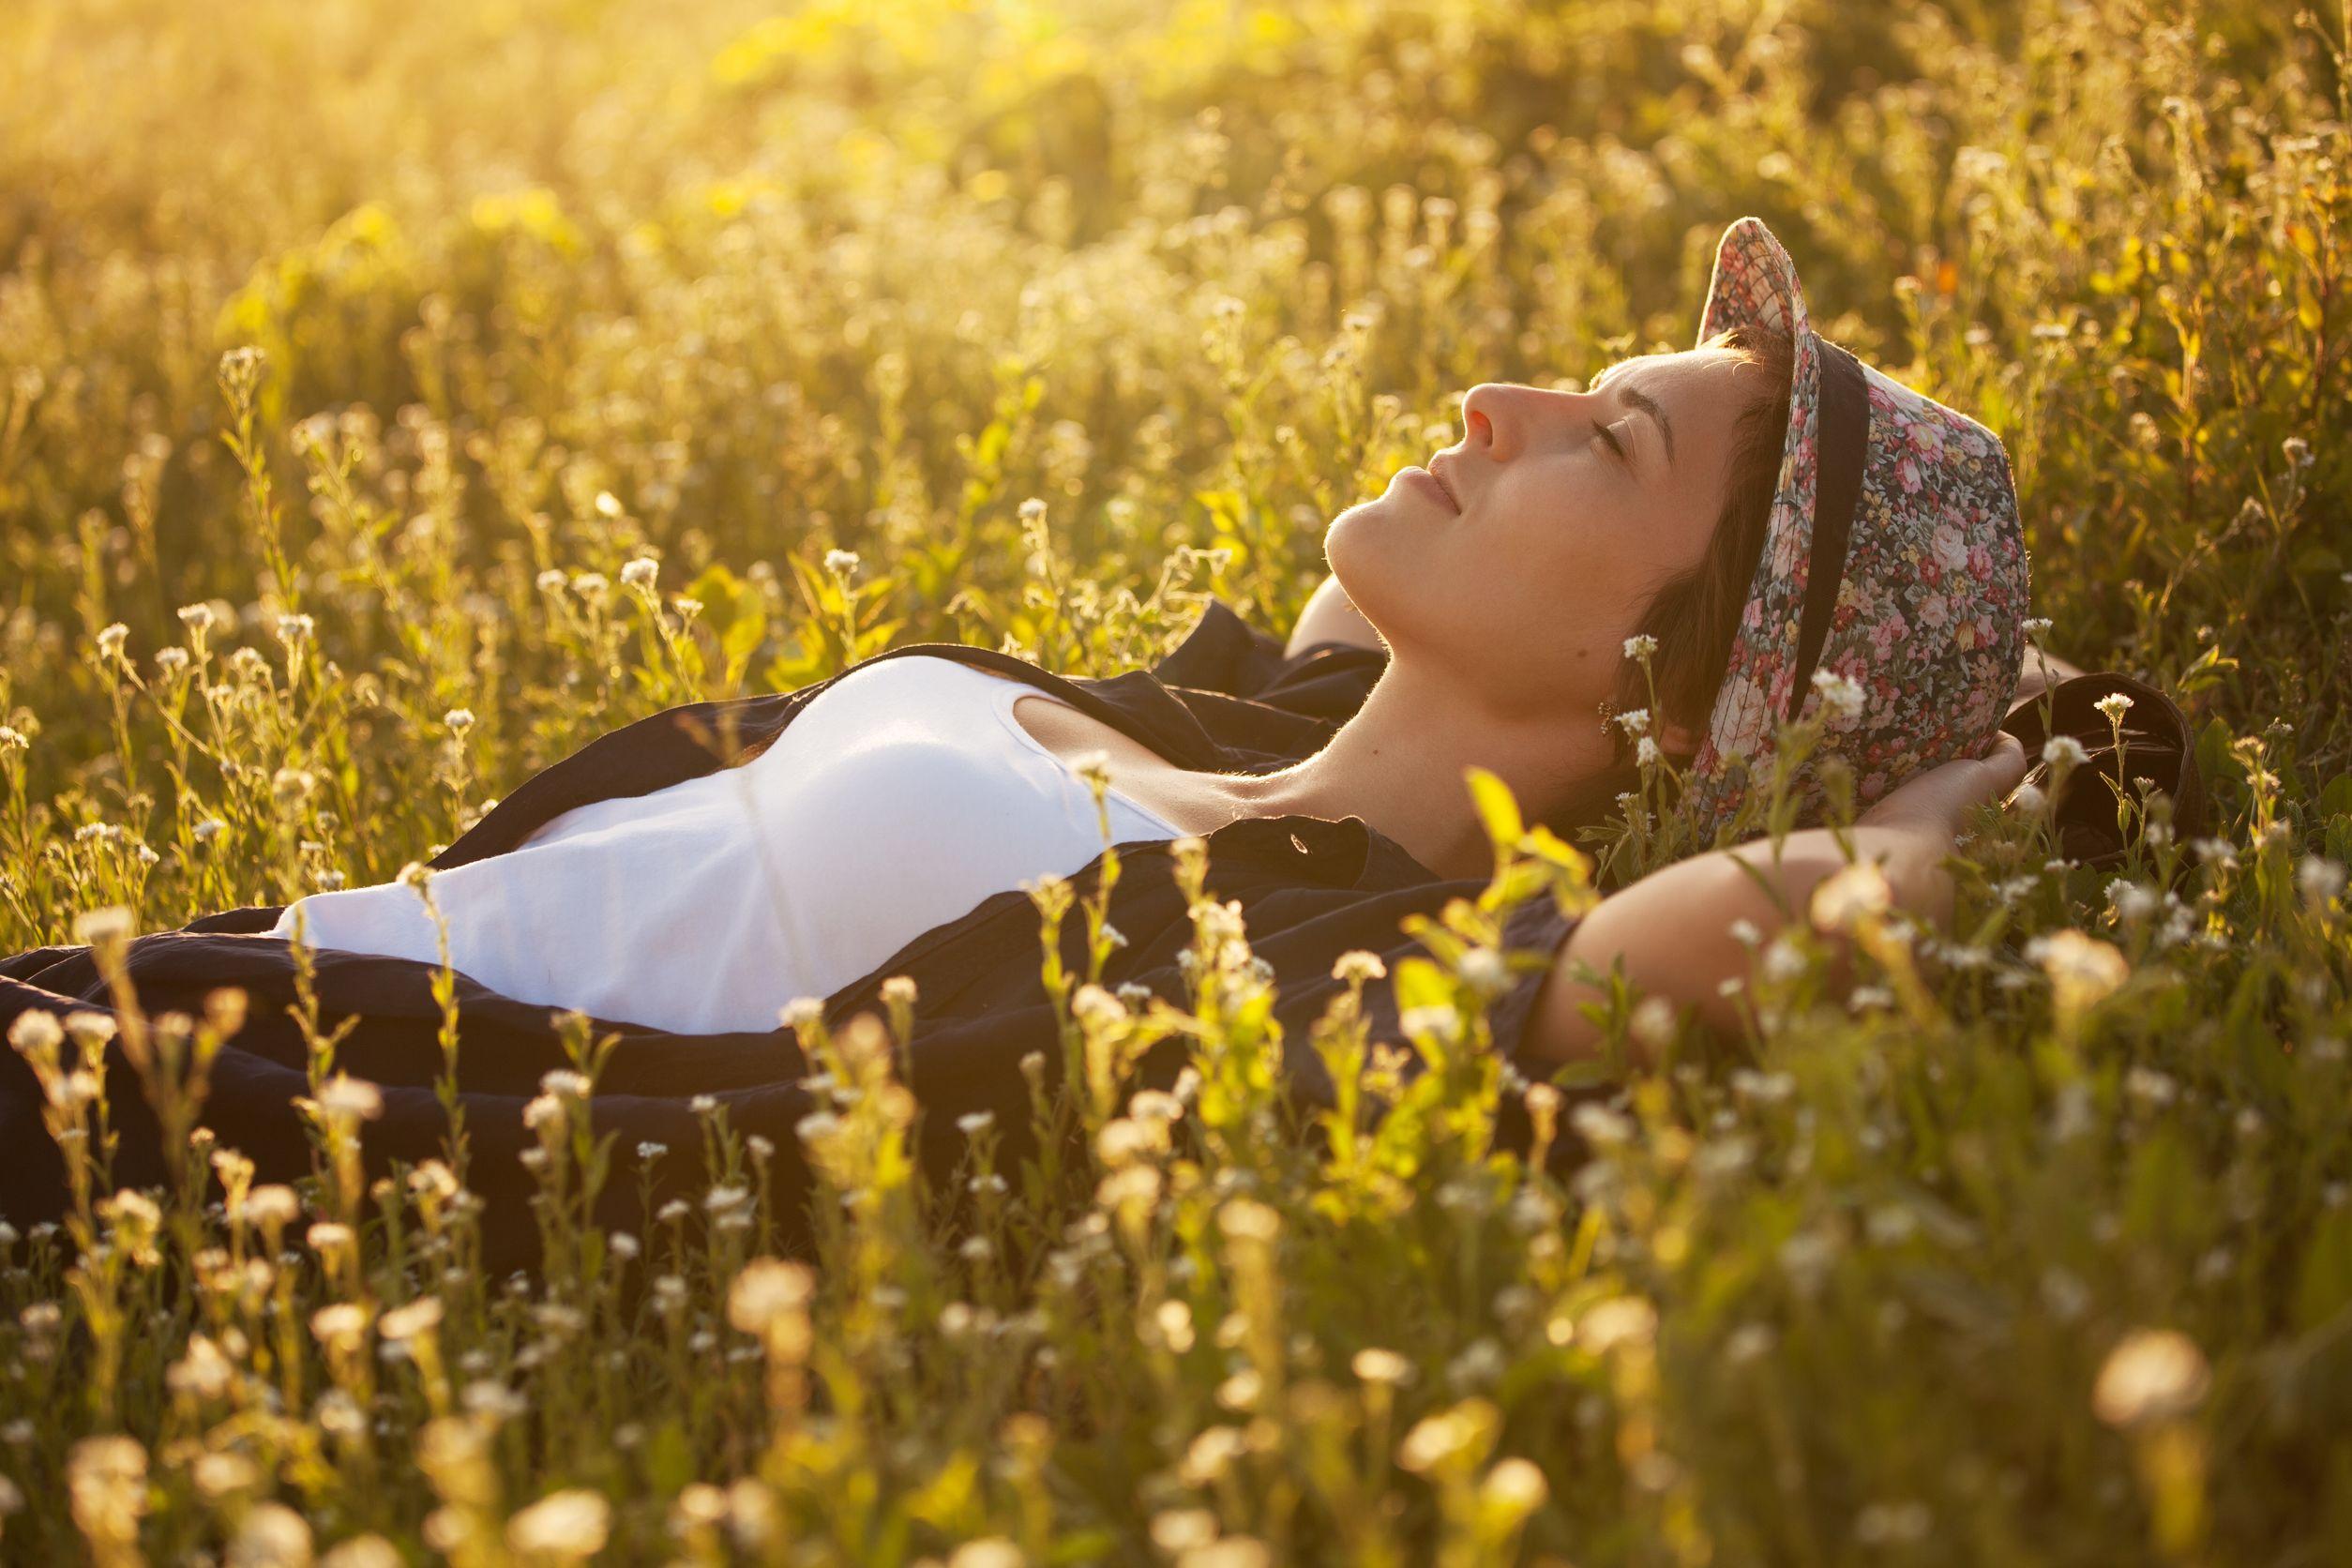 Garota usando chapéu e camisa xadrez deitada em campo de flores amarelas durante o pôr-do-sol.